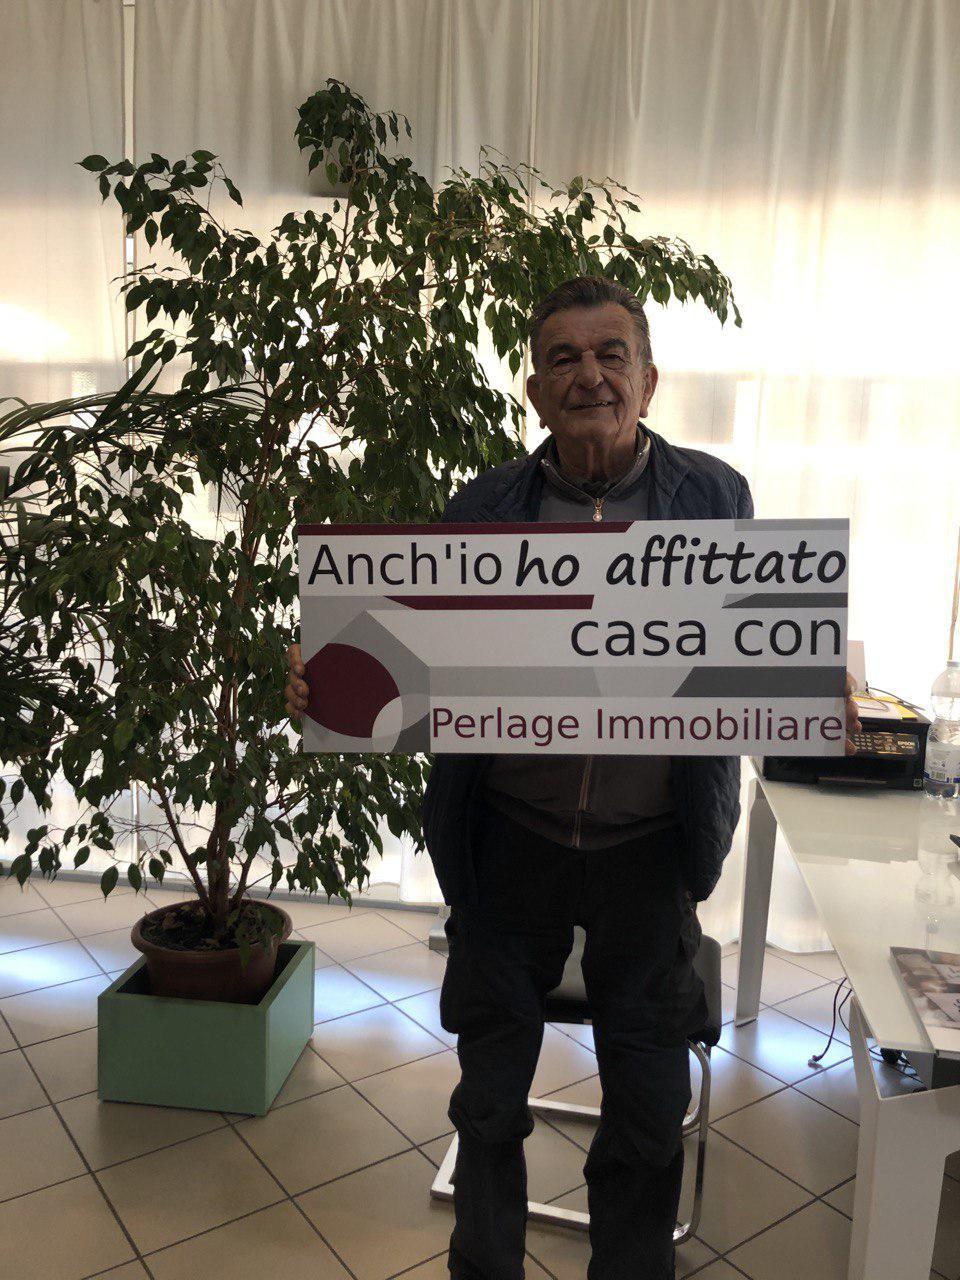 Agostino Candellero